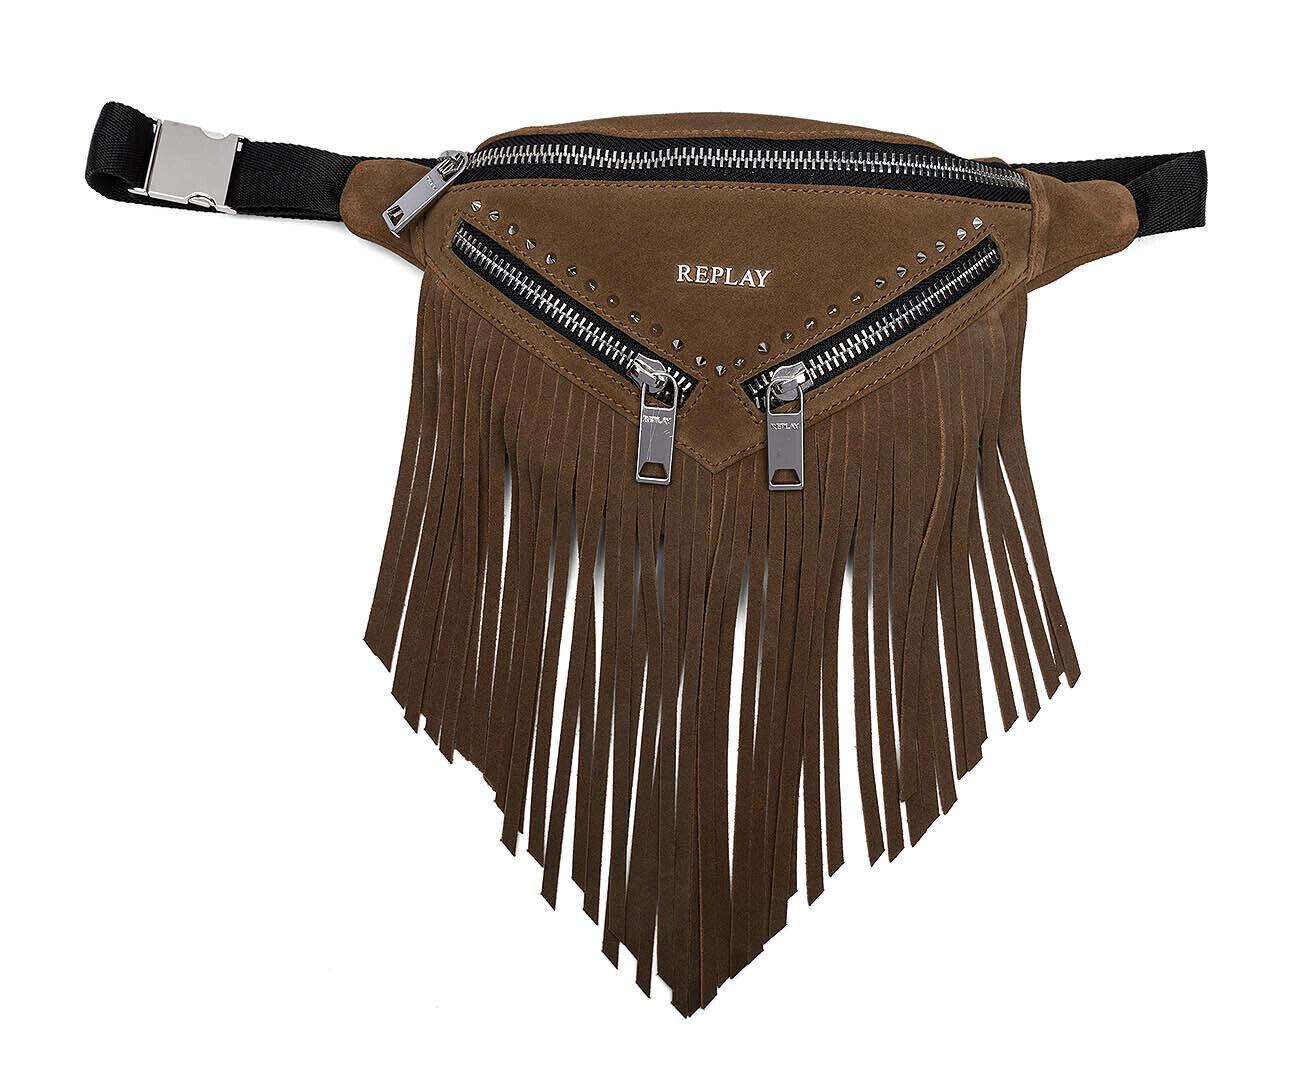 REPLAY Belt Belt Belt Bag Gürteltasche Tasche Amber braun Braun Neu     | Qualität und Verbraucher an erster Stelle  | In hohem Grade geschätzt und weit vertrautes herein und heraus  | Günstige Preise  0fd765